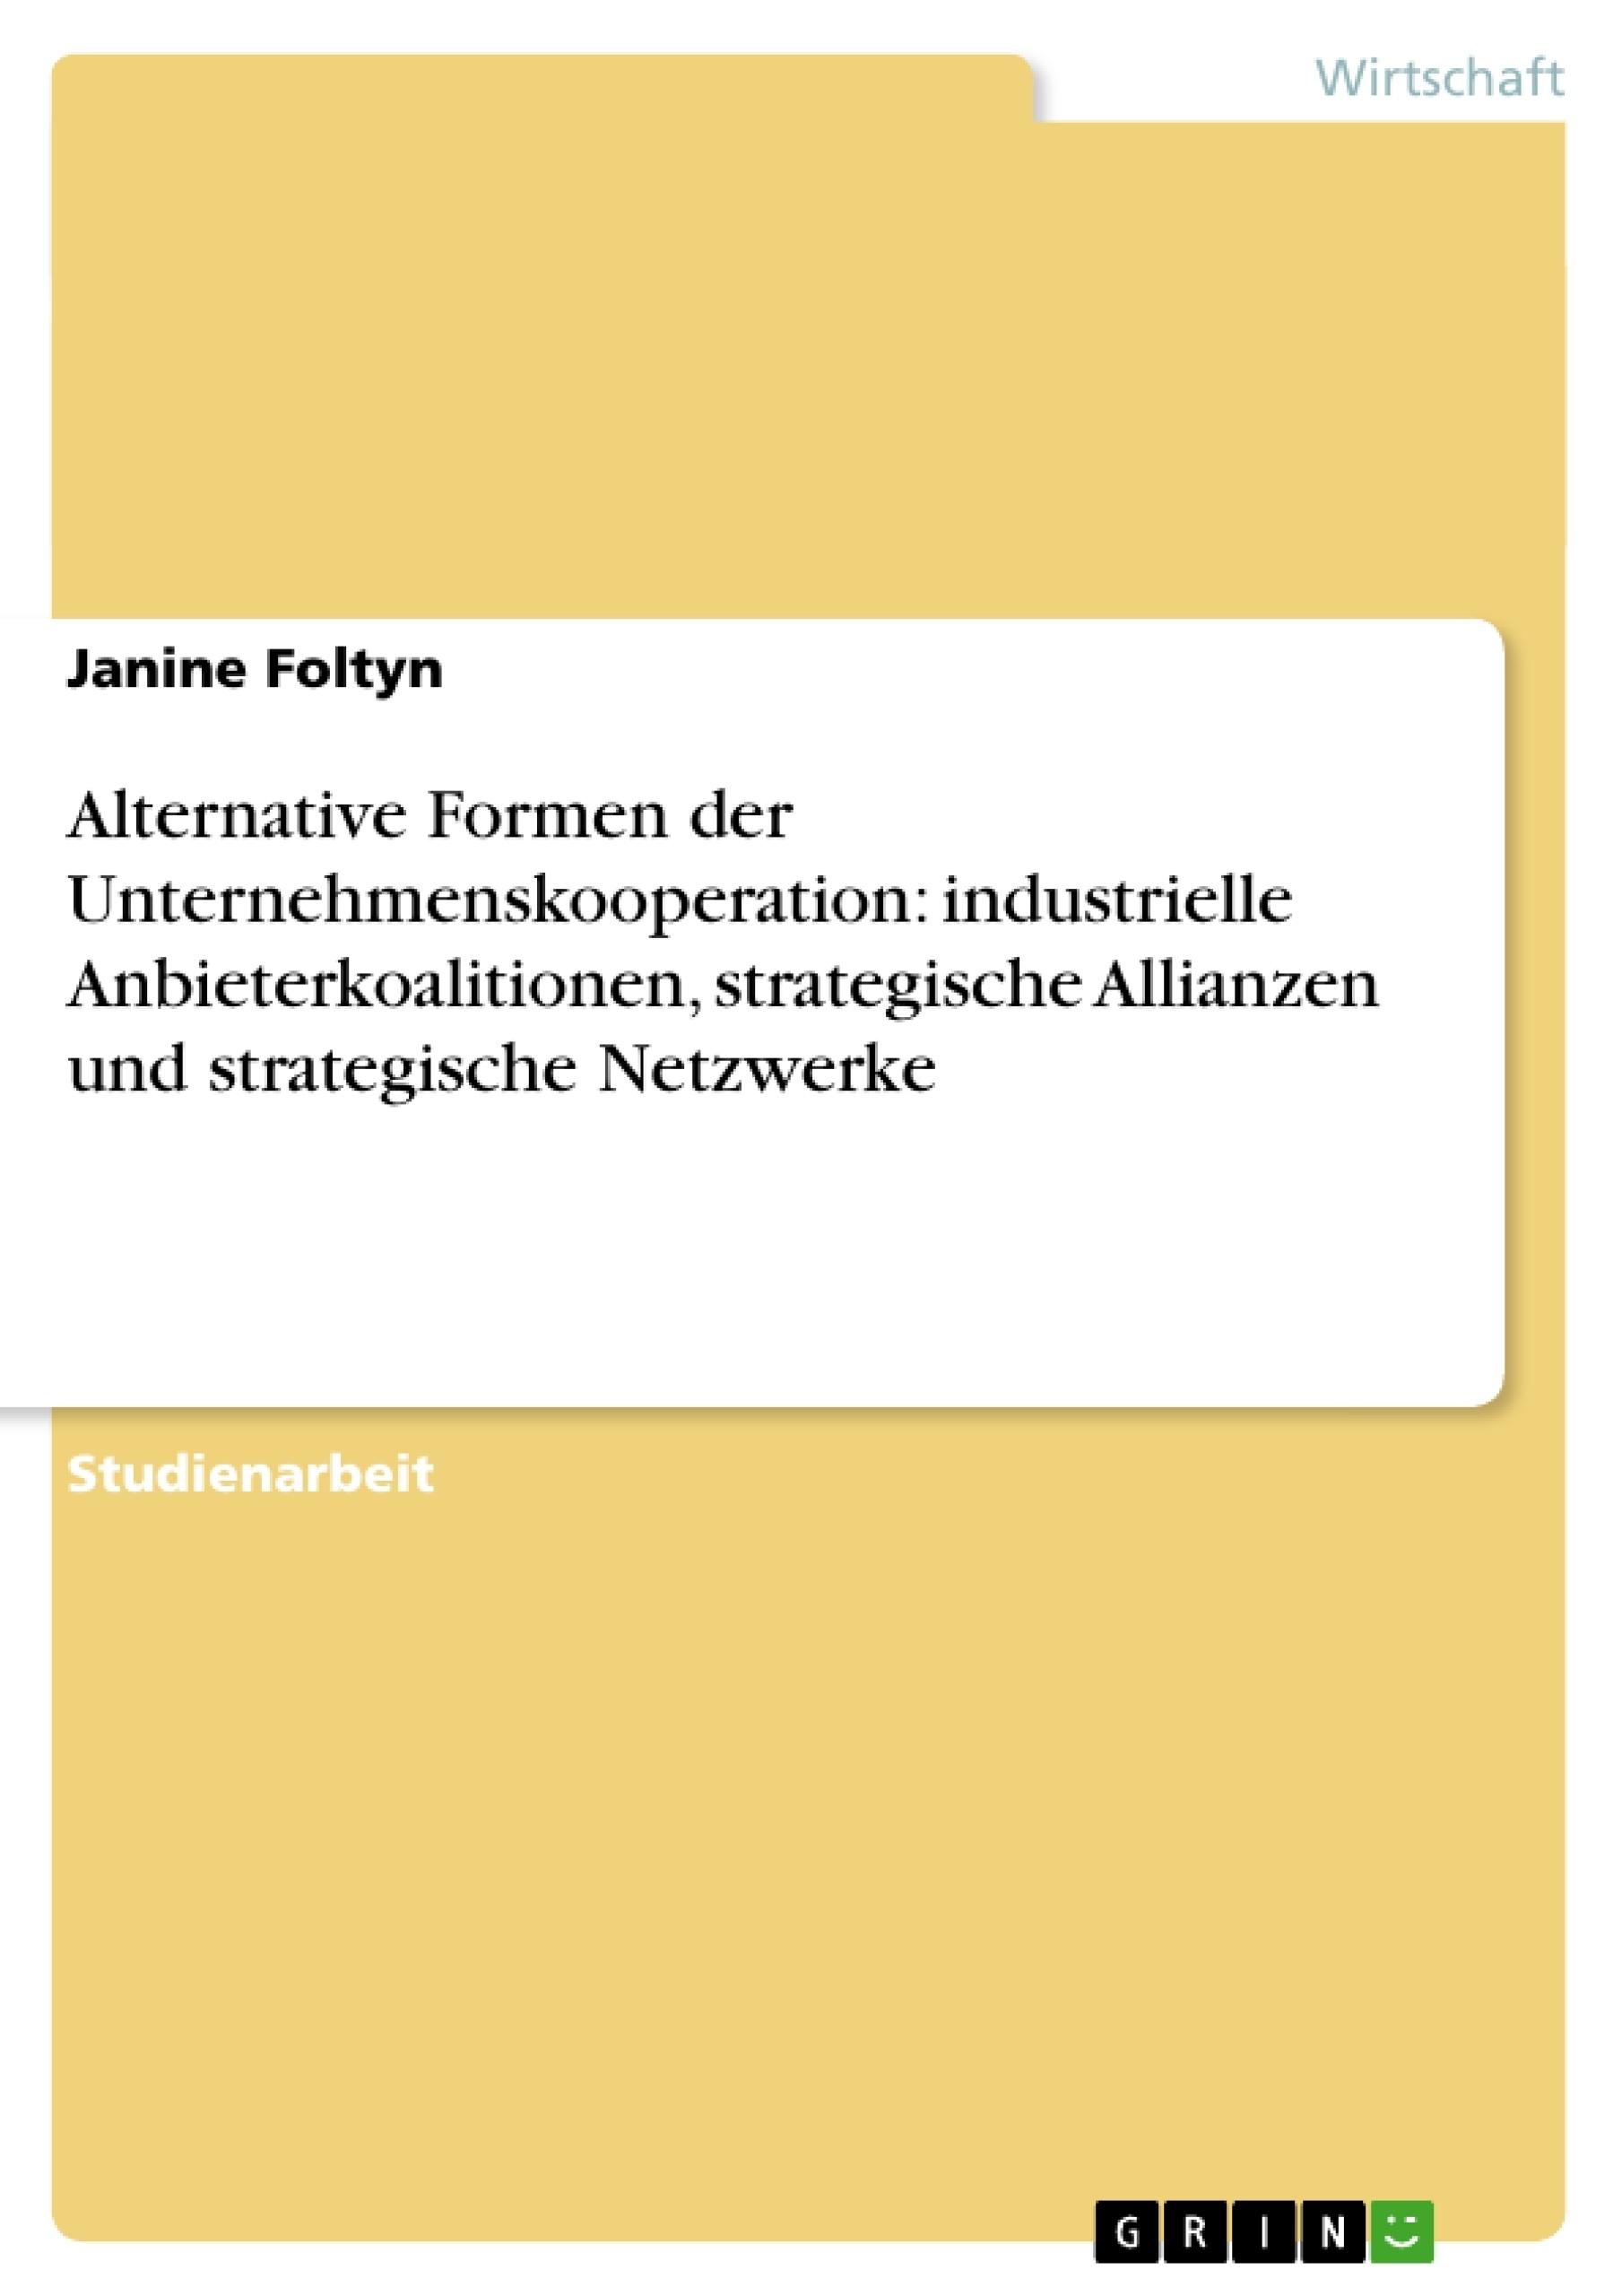 Titel: Alternative Formen der Unternehmenskooperation: industrielle Anbieterkoalitionen, strategische Allianzen und strategische Netzwerke